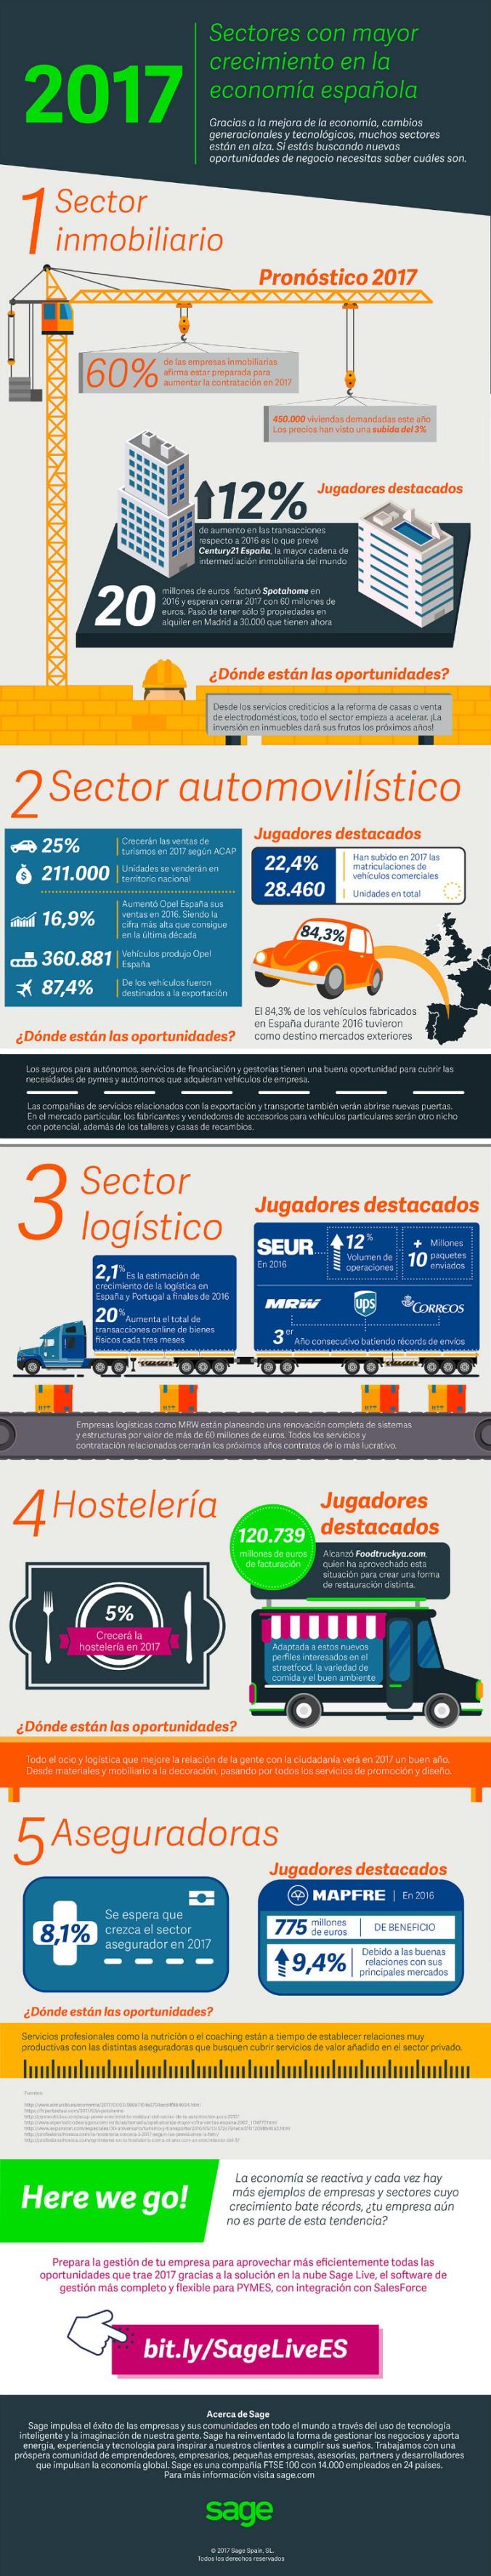 5 sectores que más crecerán de la economía española